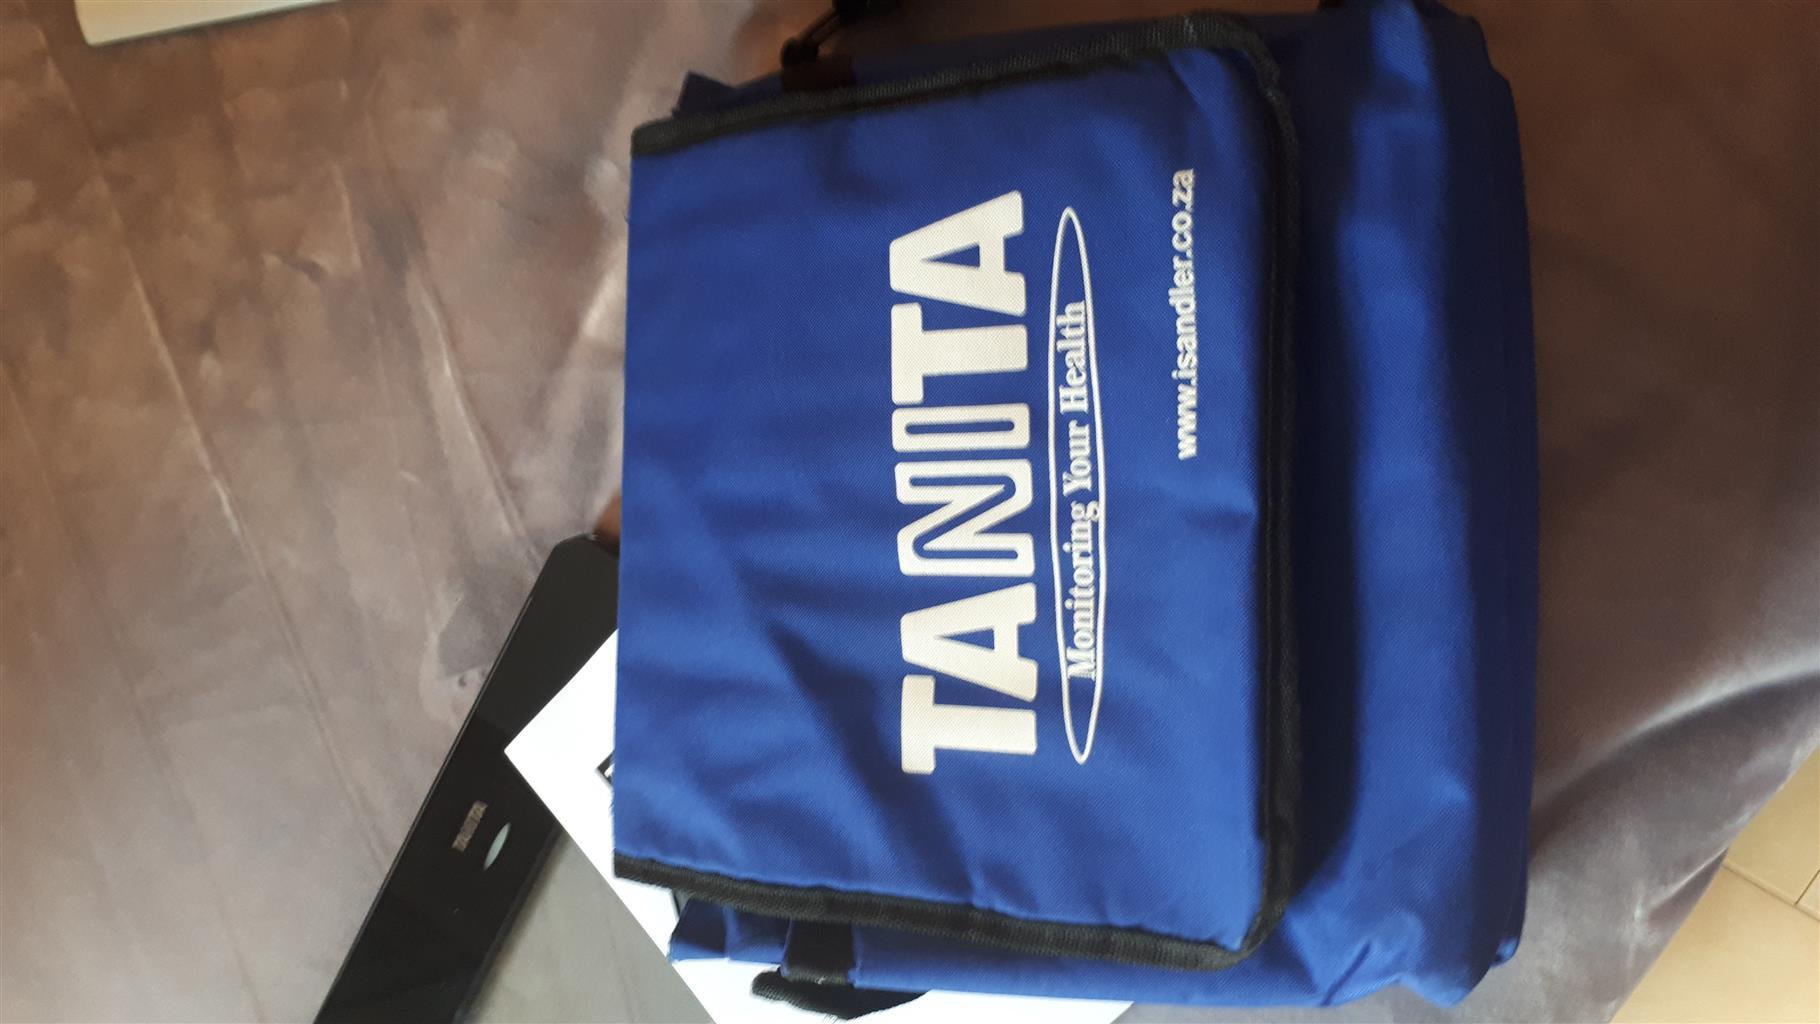 Tanita BC 1000